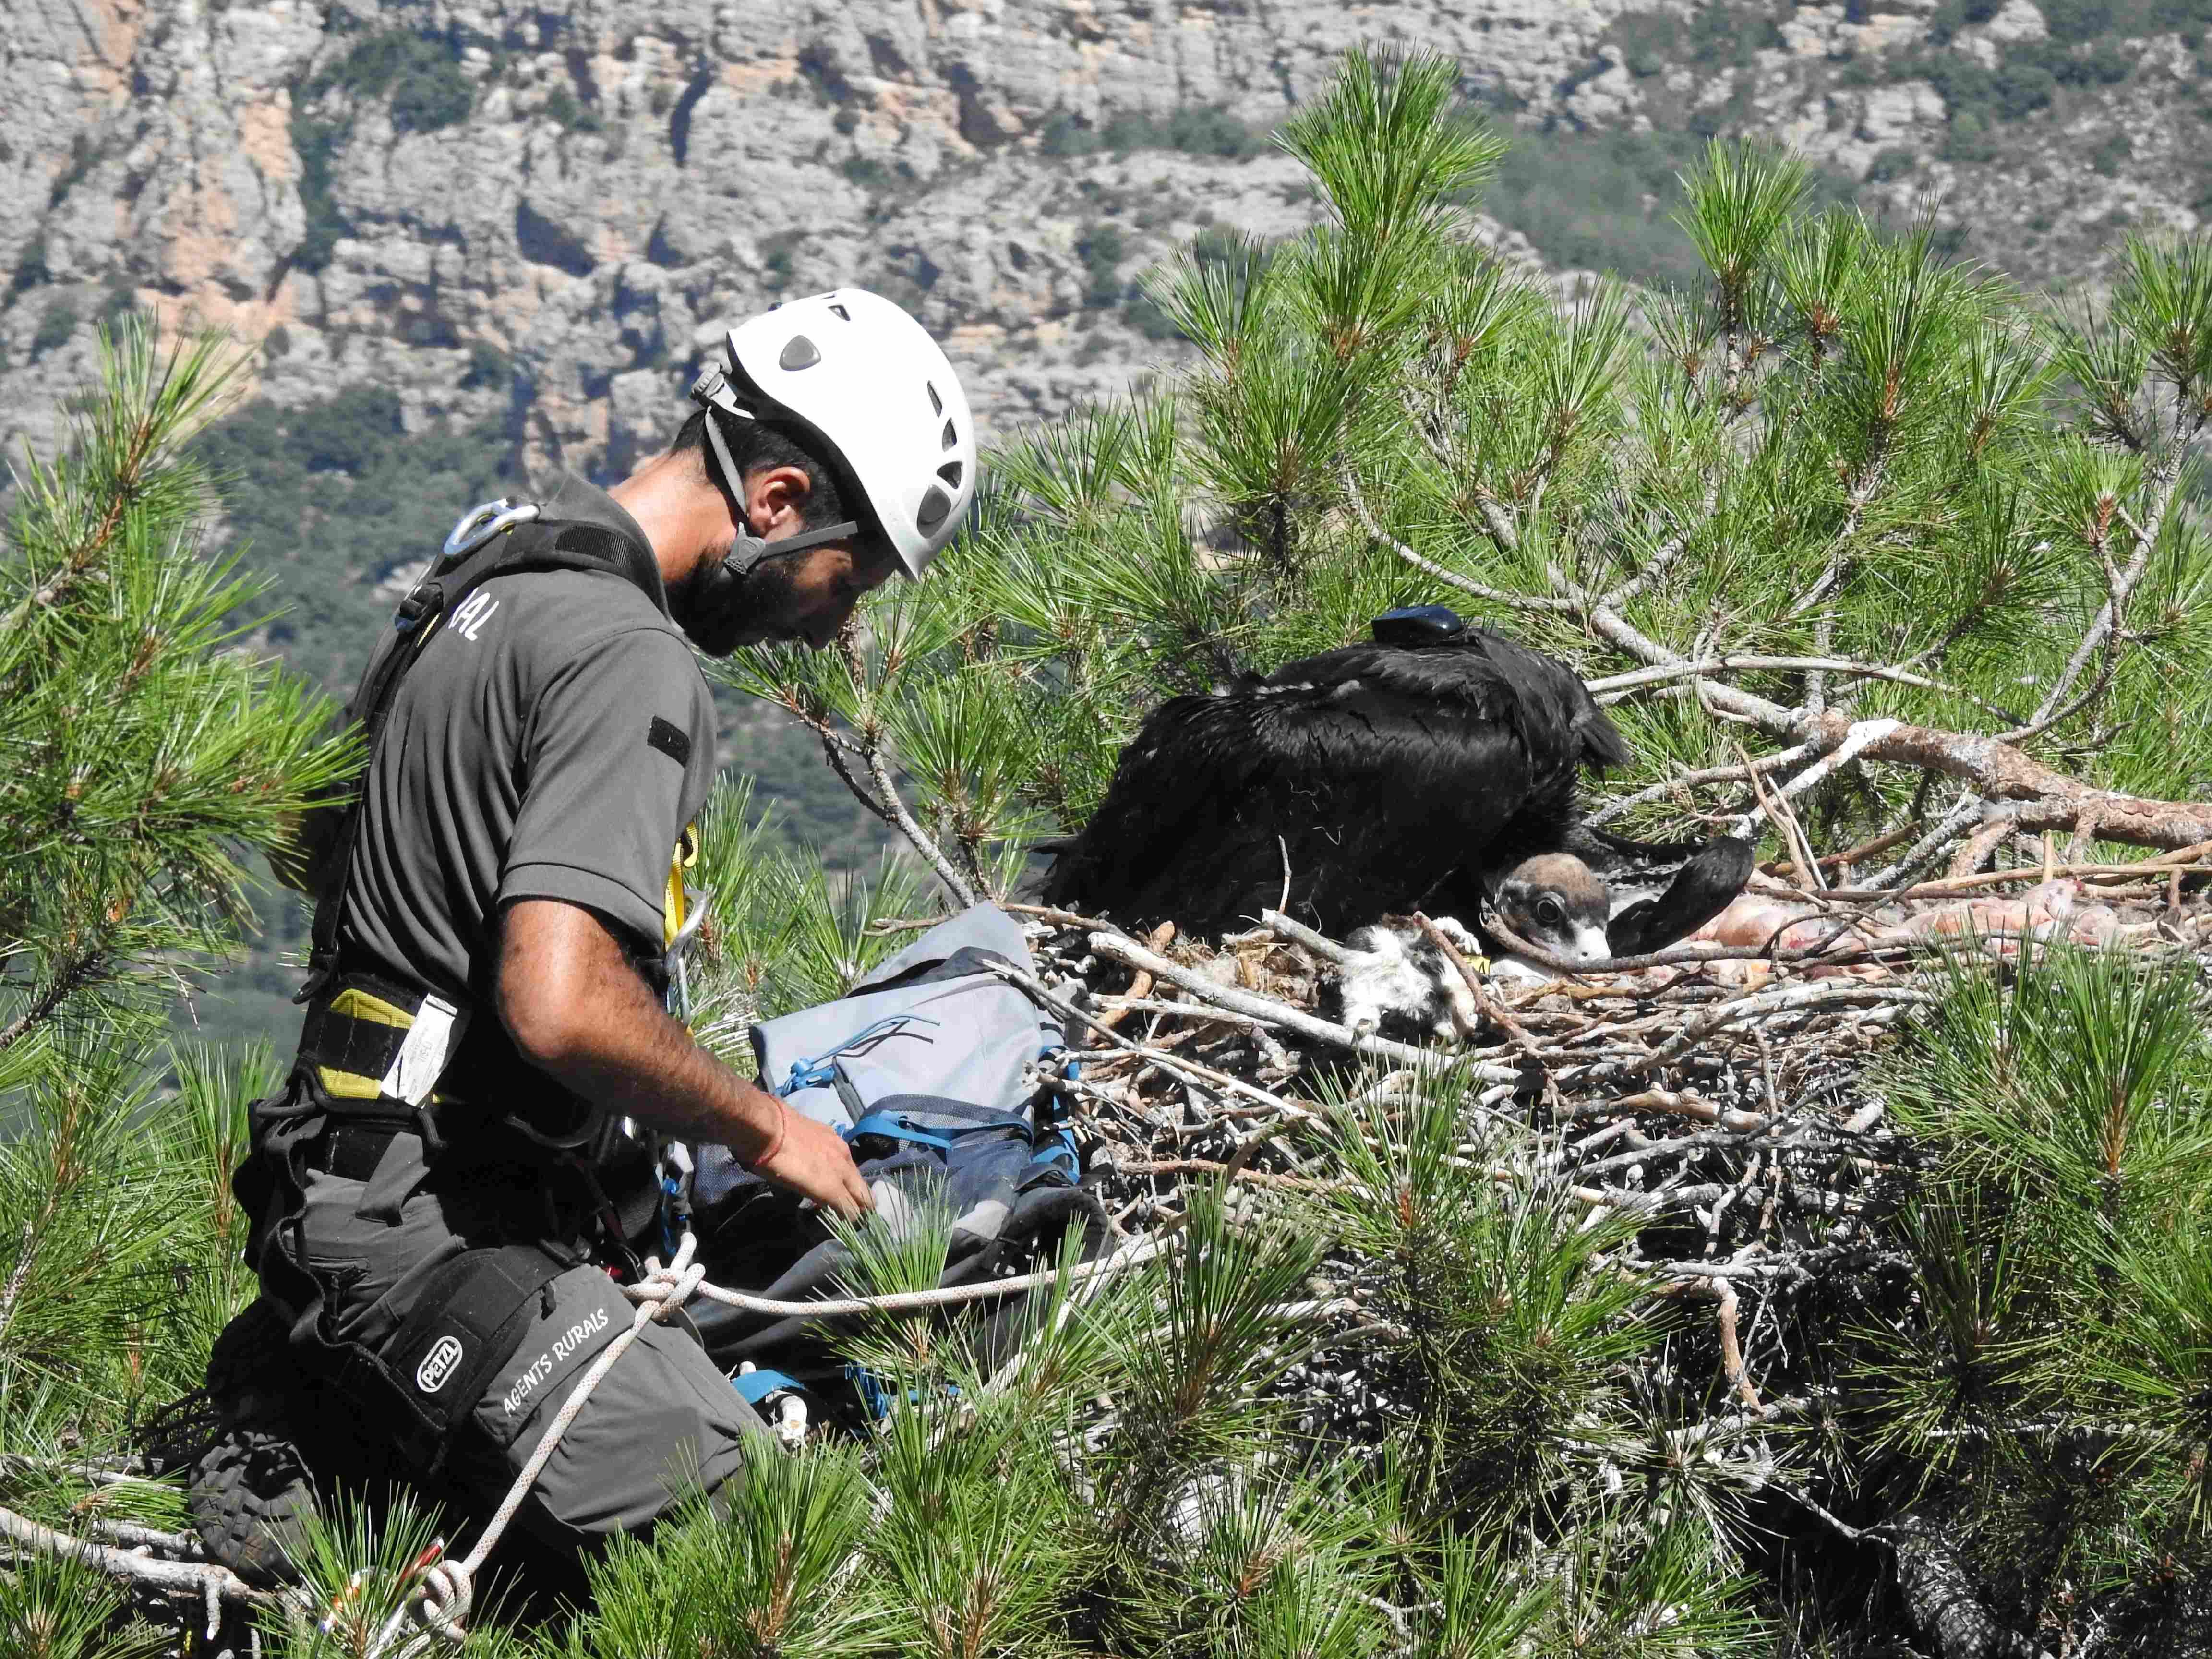 Un agente forestal devuelve a un pollo de buitre negro a su nido de Pirineos tras la colocación de un emisor GPS a este ejemplar. Foto: PRBNC